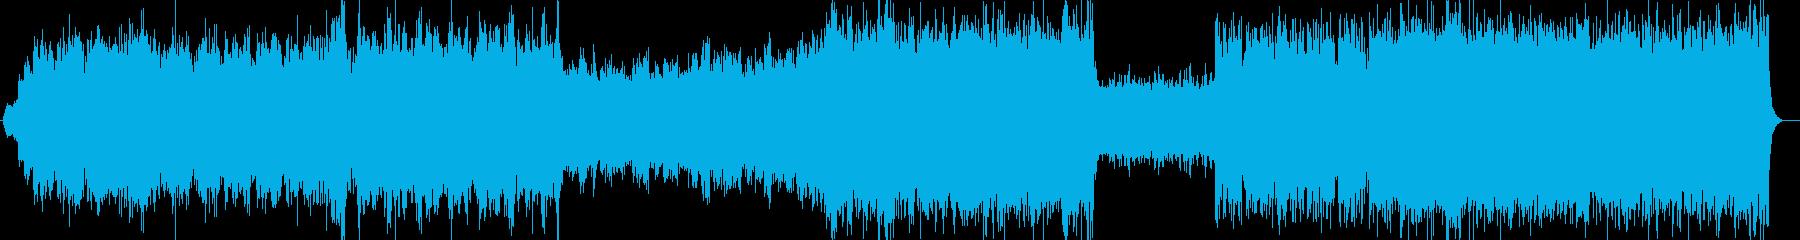 盛大なオープニングBGMシンセサイザー曲の再生済みの波形